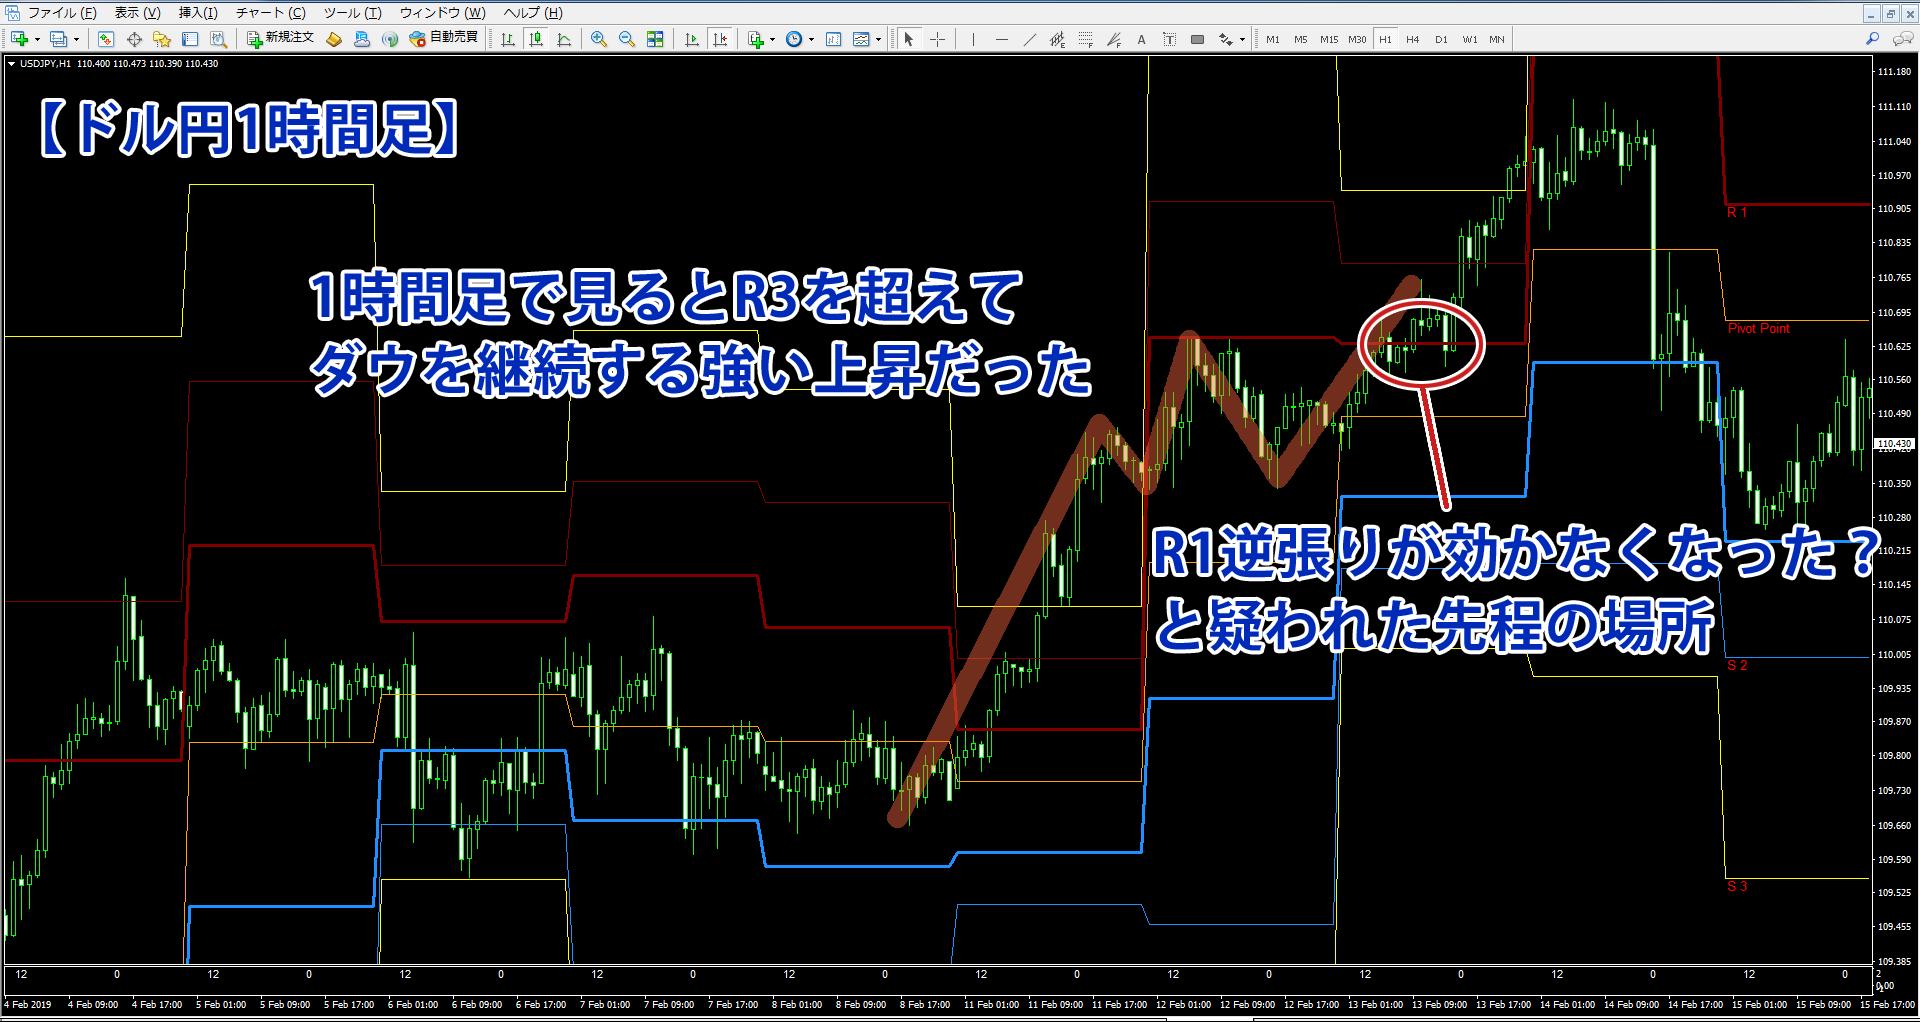 上昇圧力が強いのでR1逆張りが通用しなくなったのが分かるドル円1時間足チャート